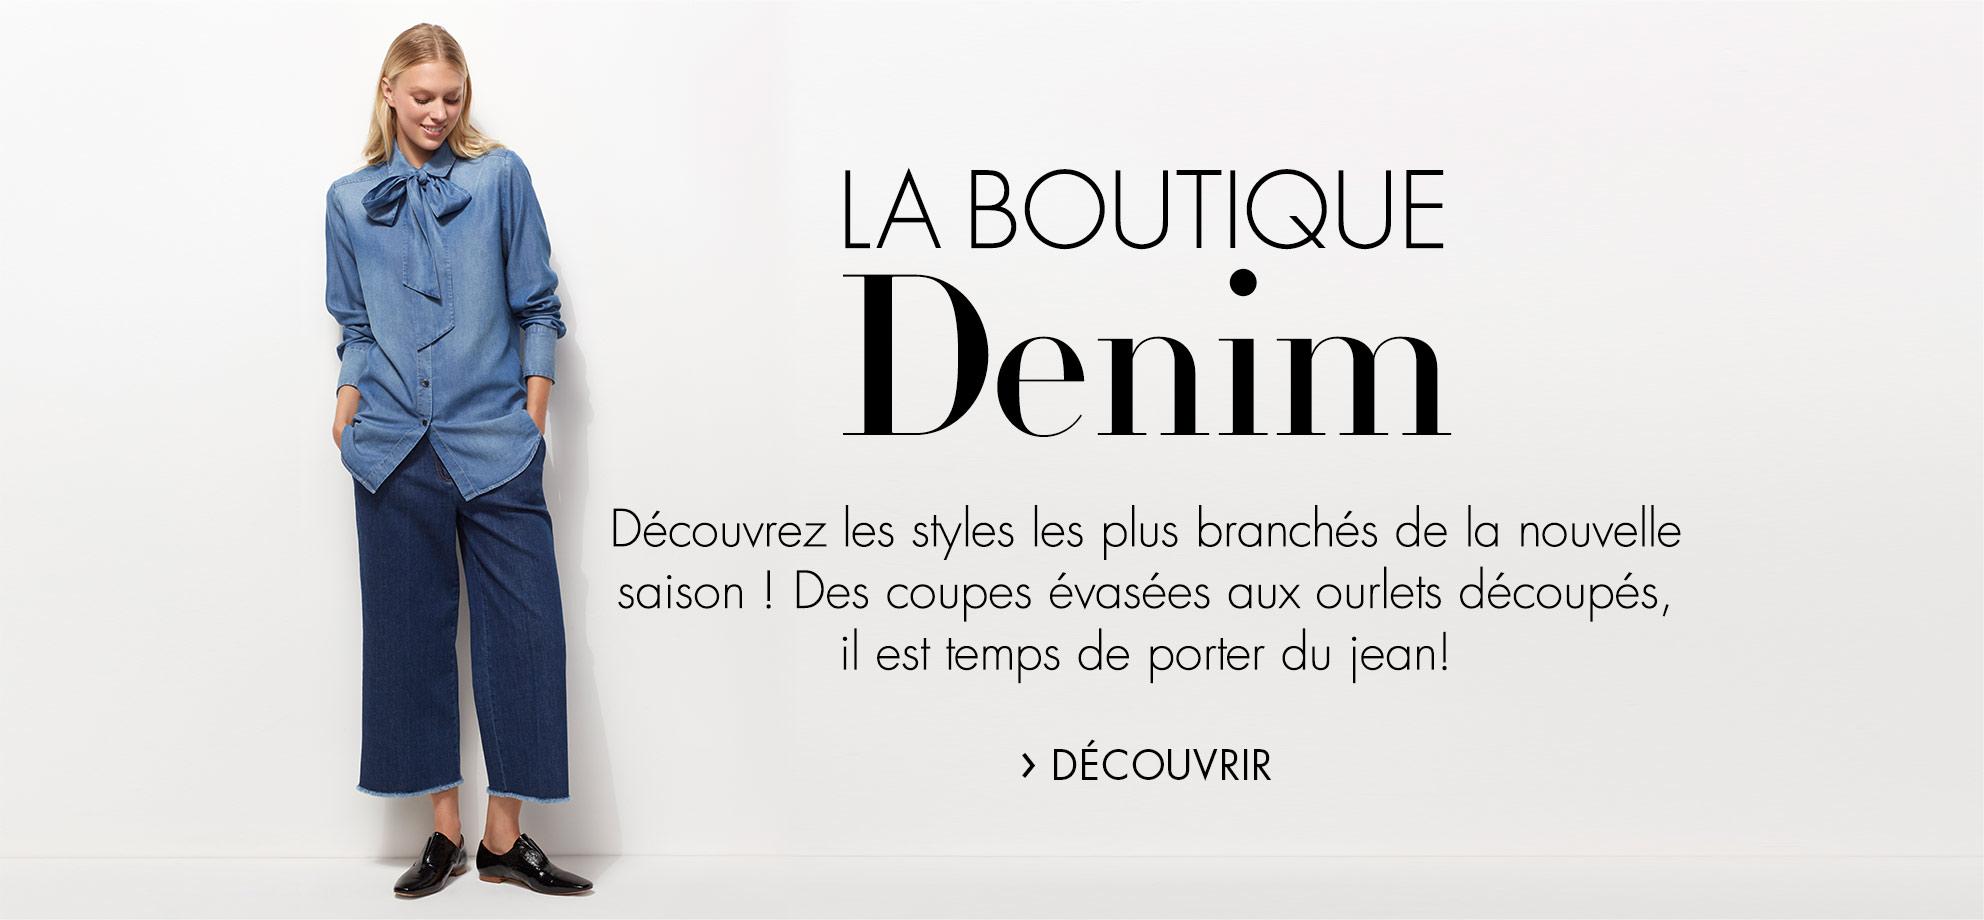 Boutique Denim : Nouveautés Jeans